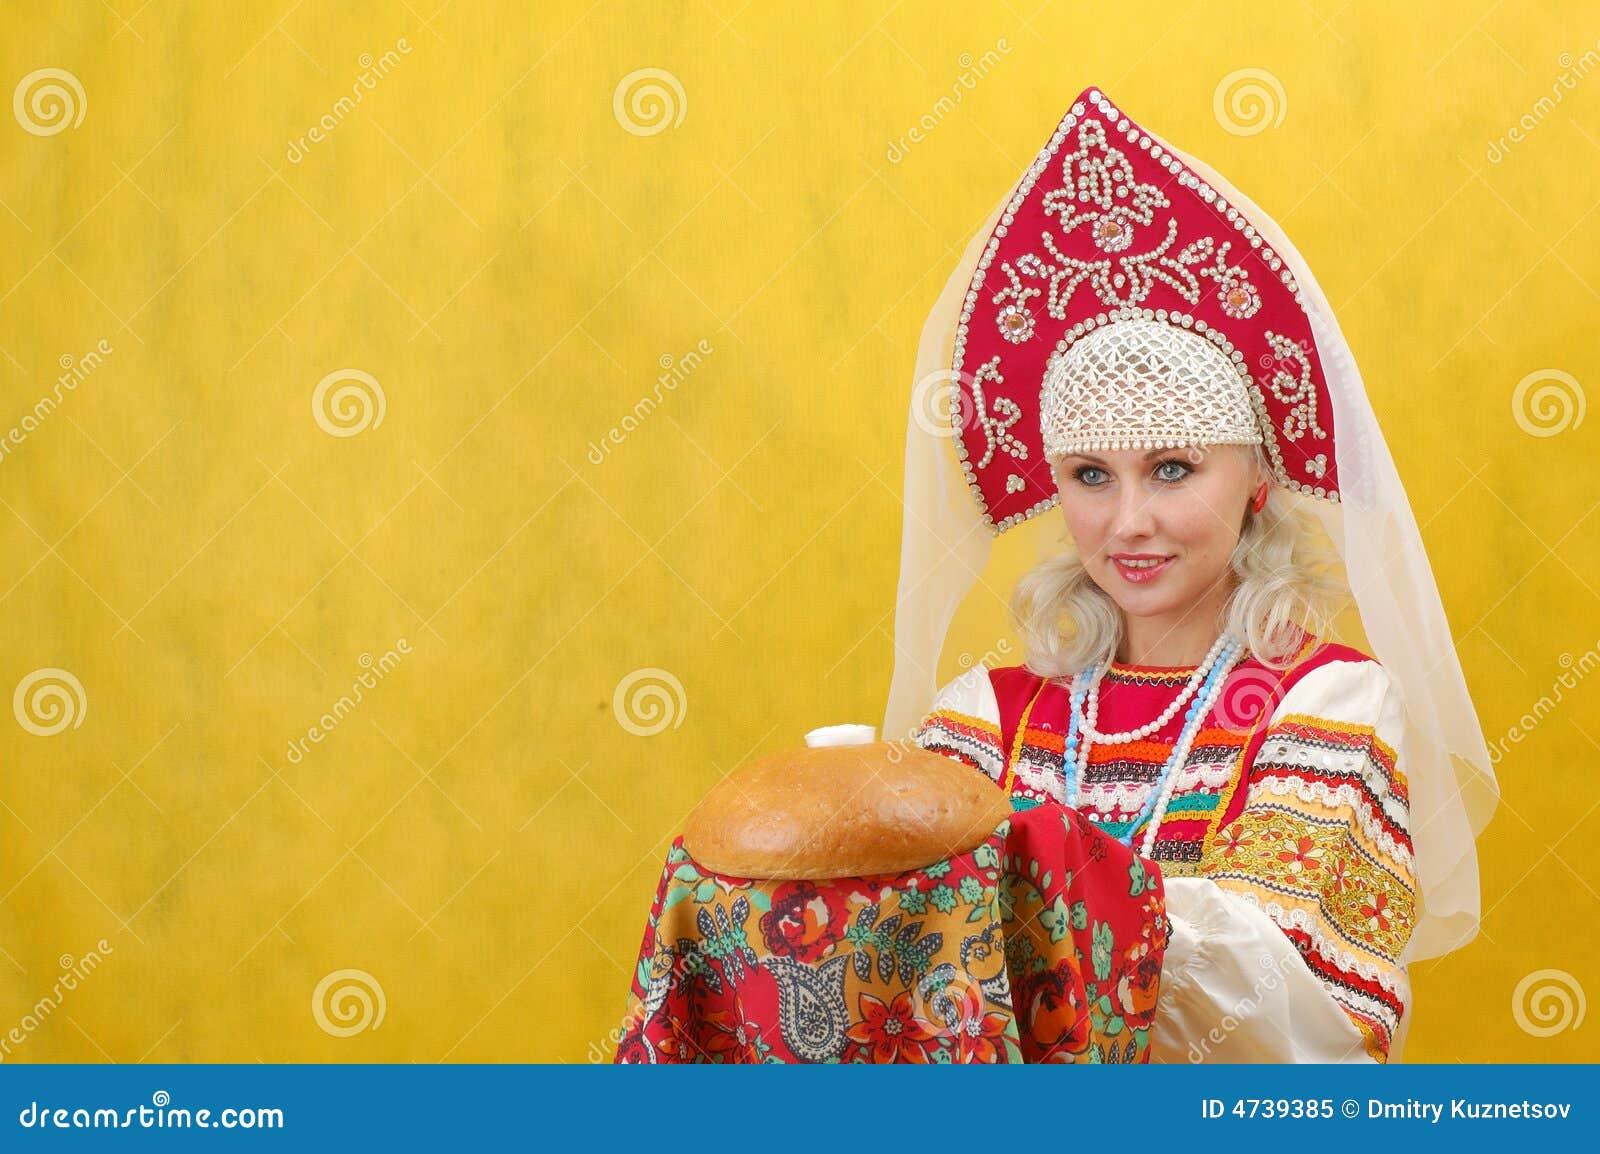 Russian Women Wear In 46